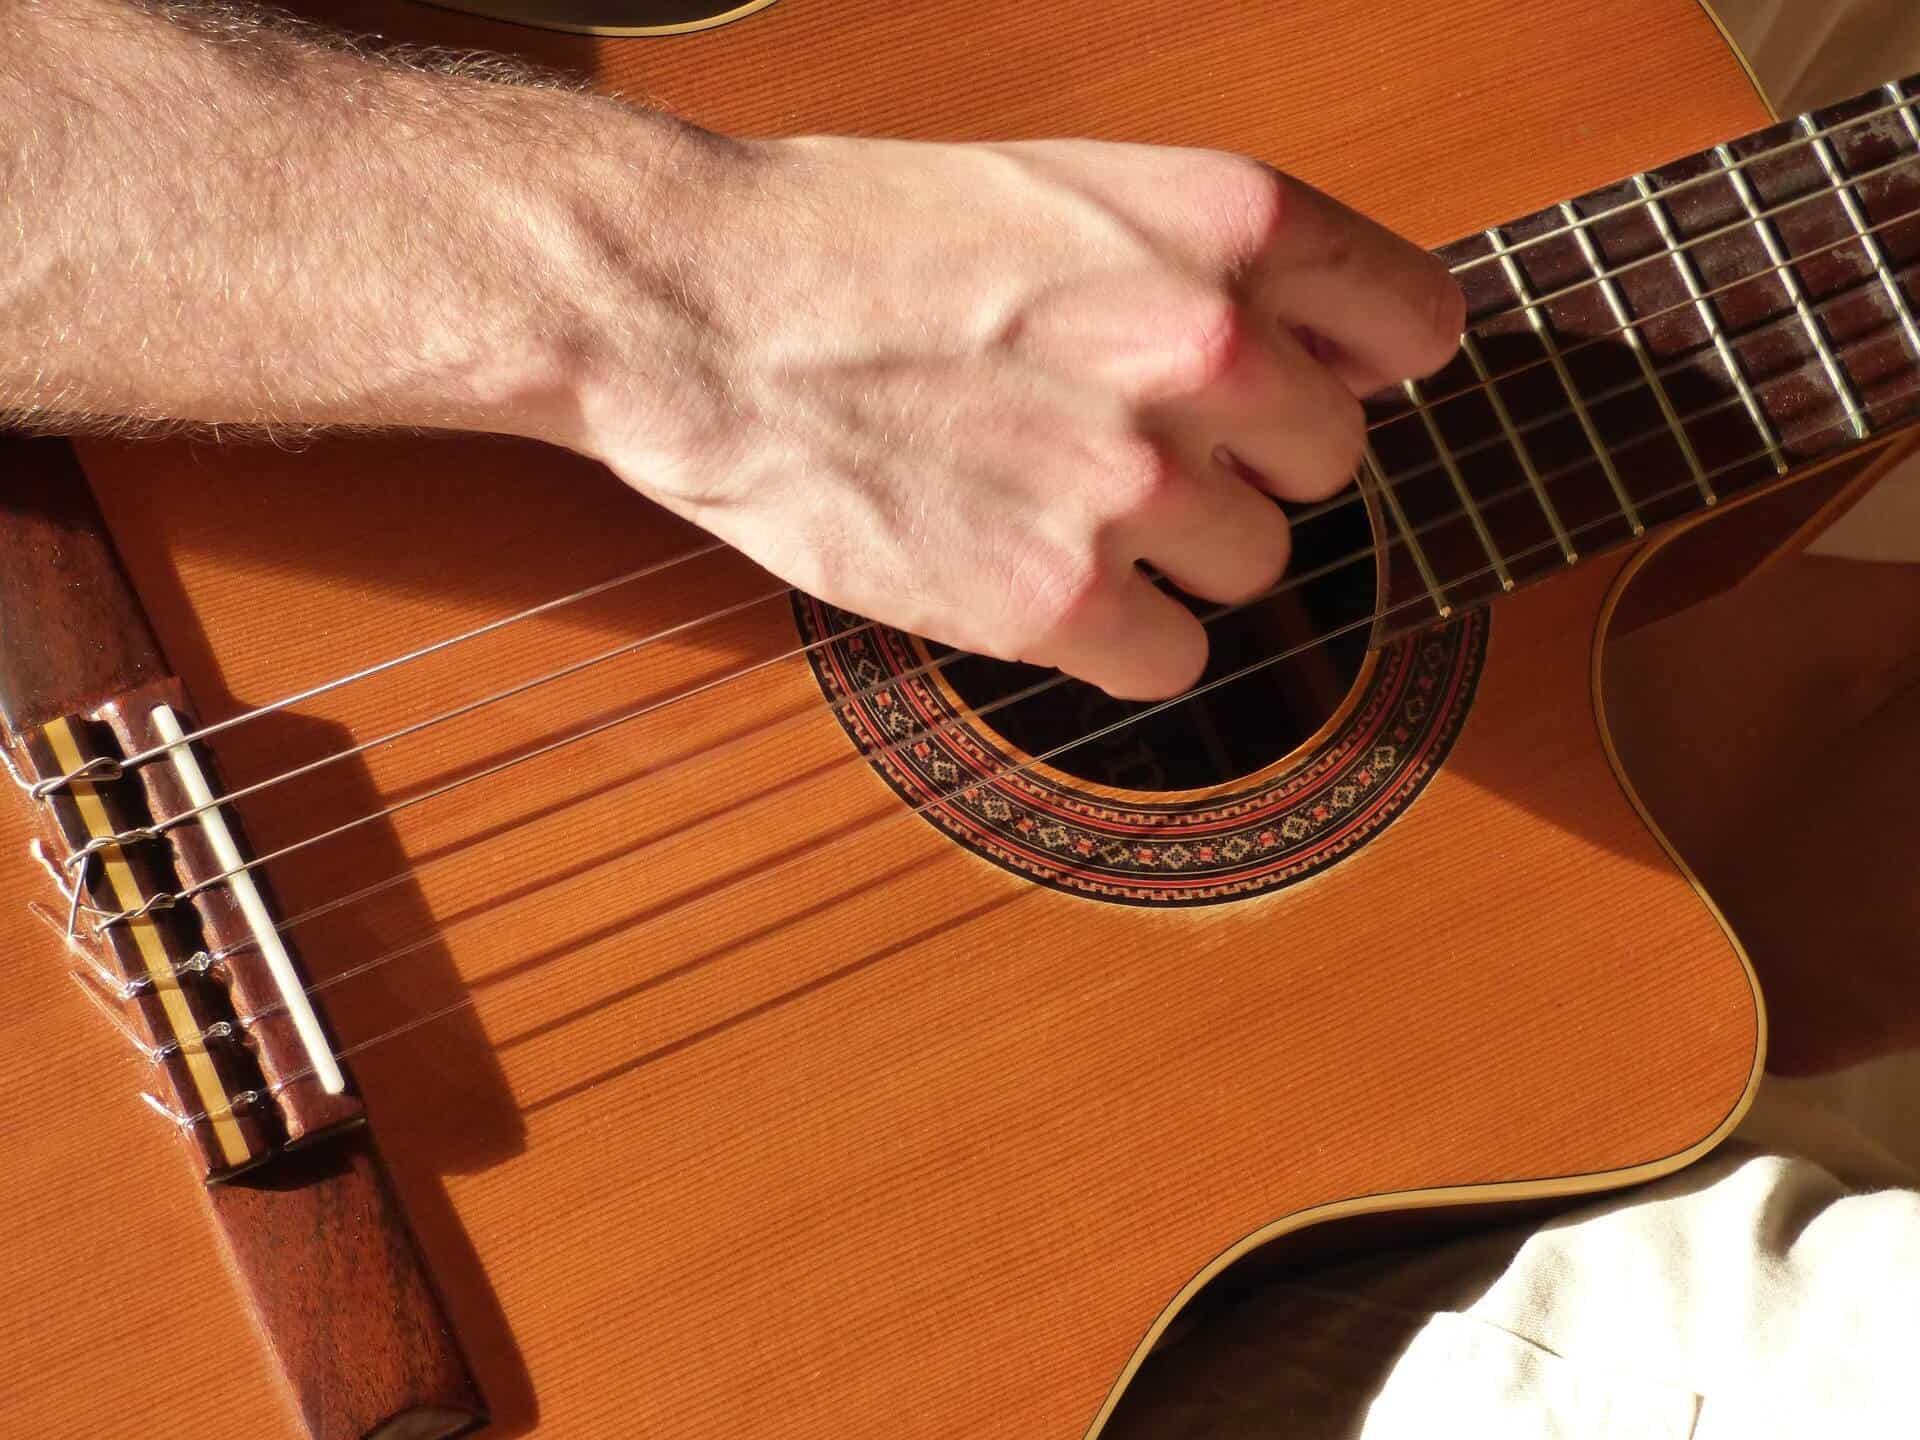 השפעת המיתרים על הצליל בגיטרה קלאסית